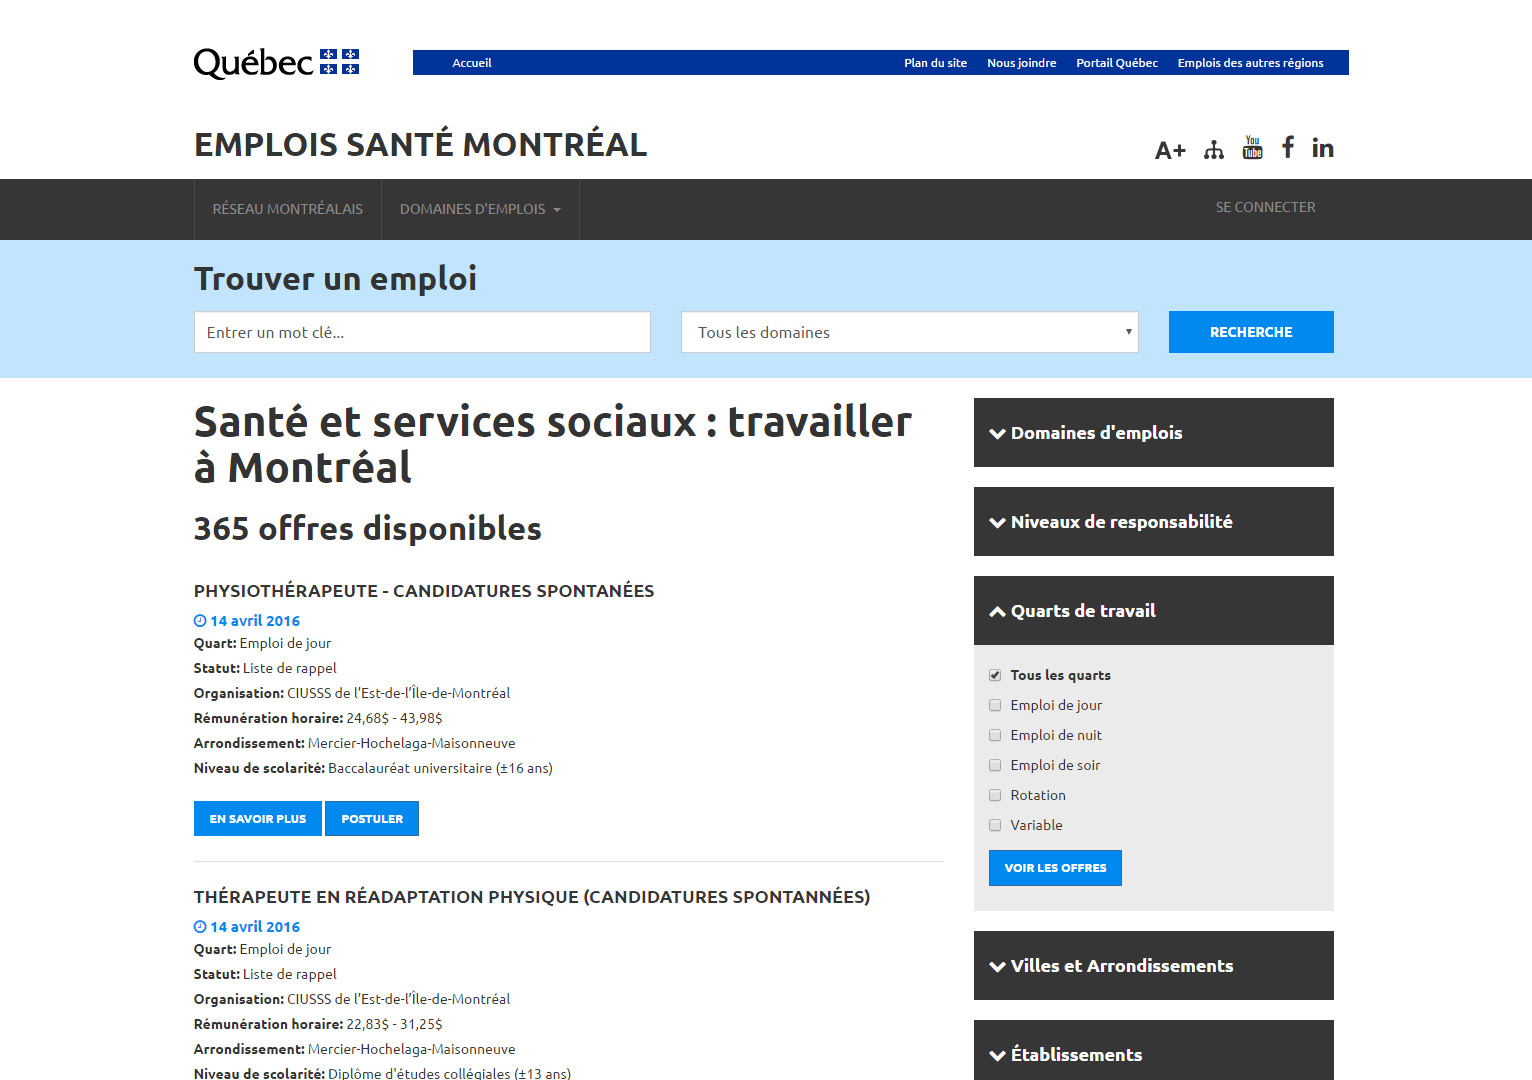 Emplois Santé Montréal